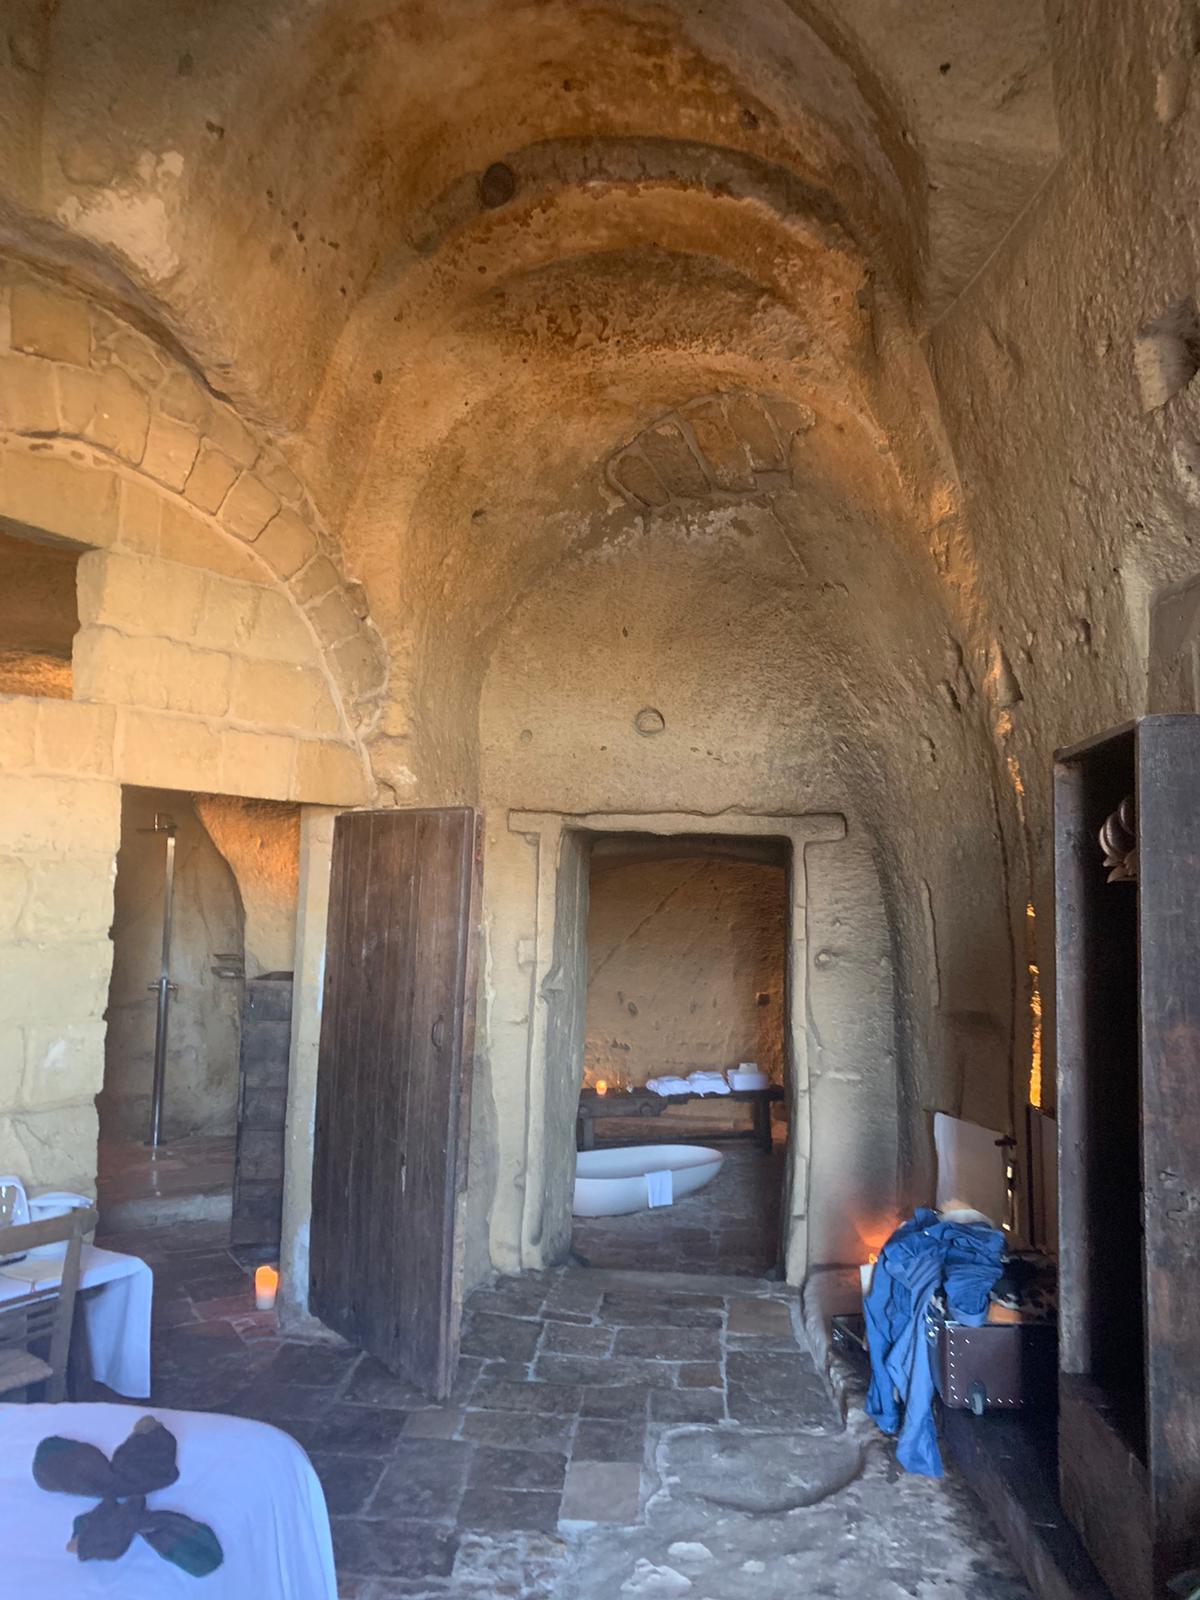 Cave hotel in Matera